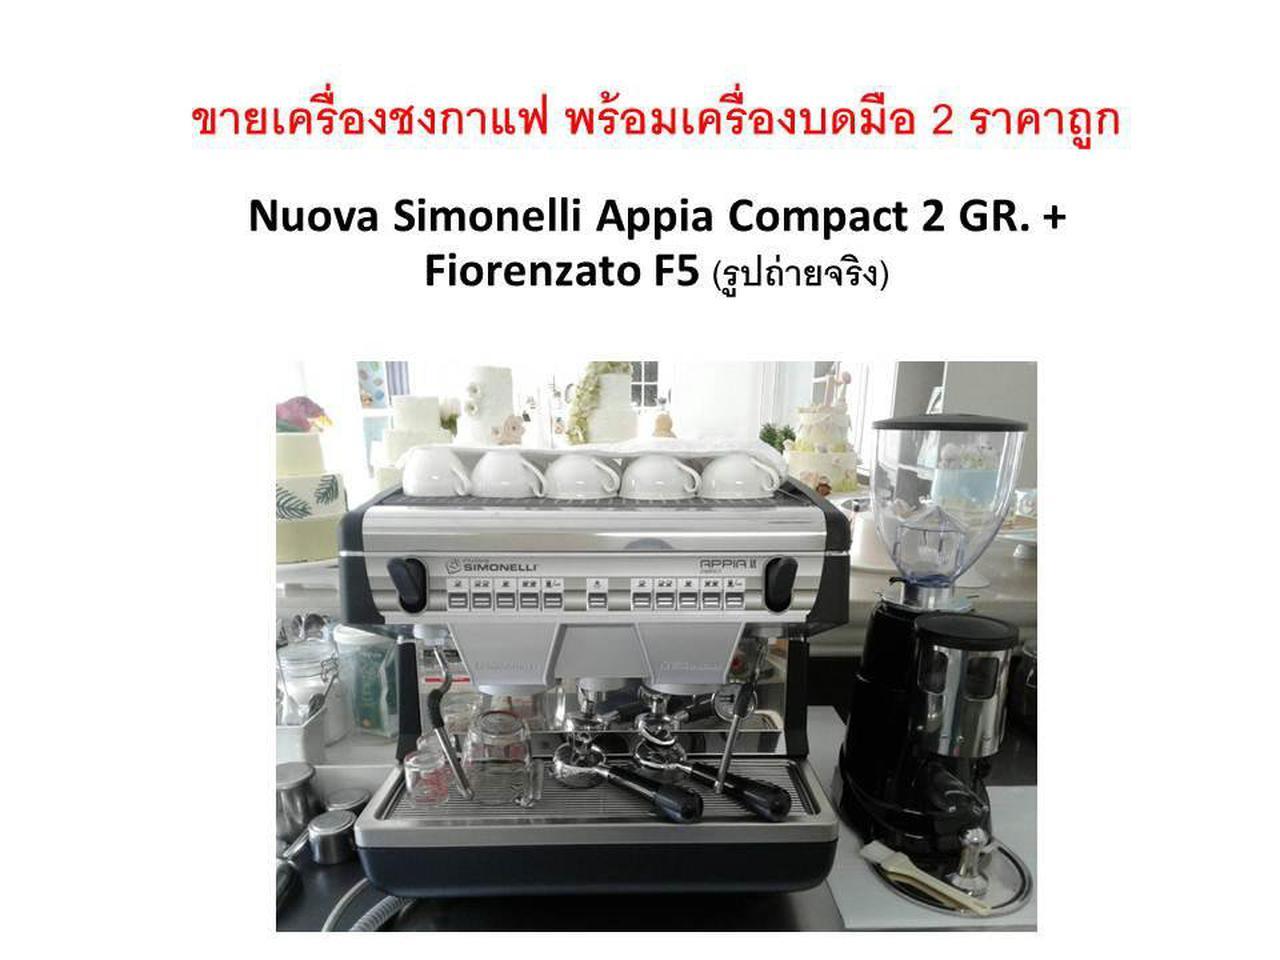 ขายเครื่องชงกาแฟมือ 2 สภาพใหม่มากกกก Nuova Simonelli Appia Compact 2 GR. + Fiorenzato F5 รูปที่ 2